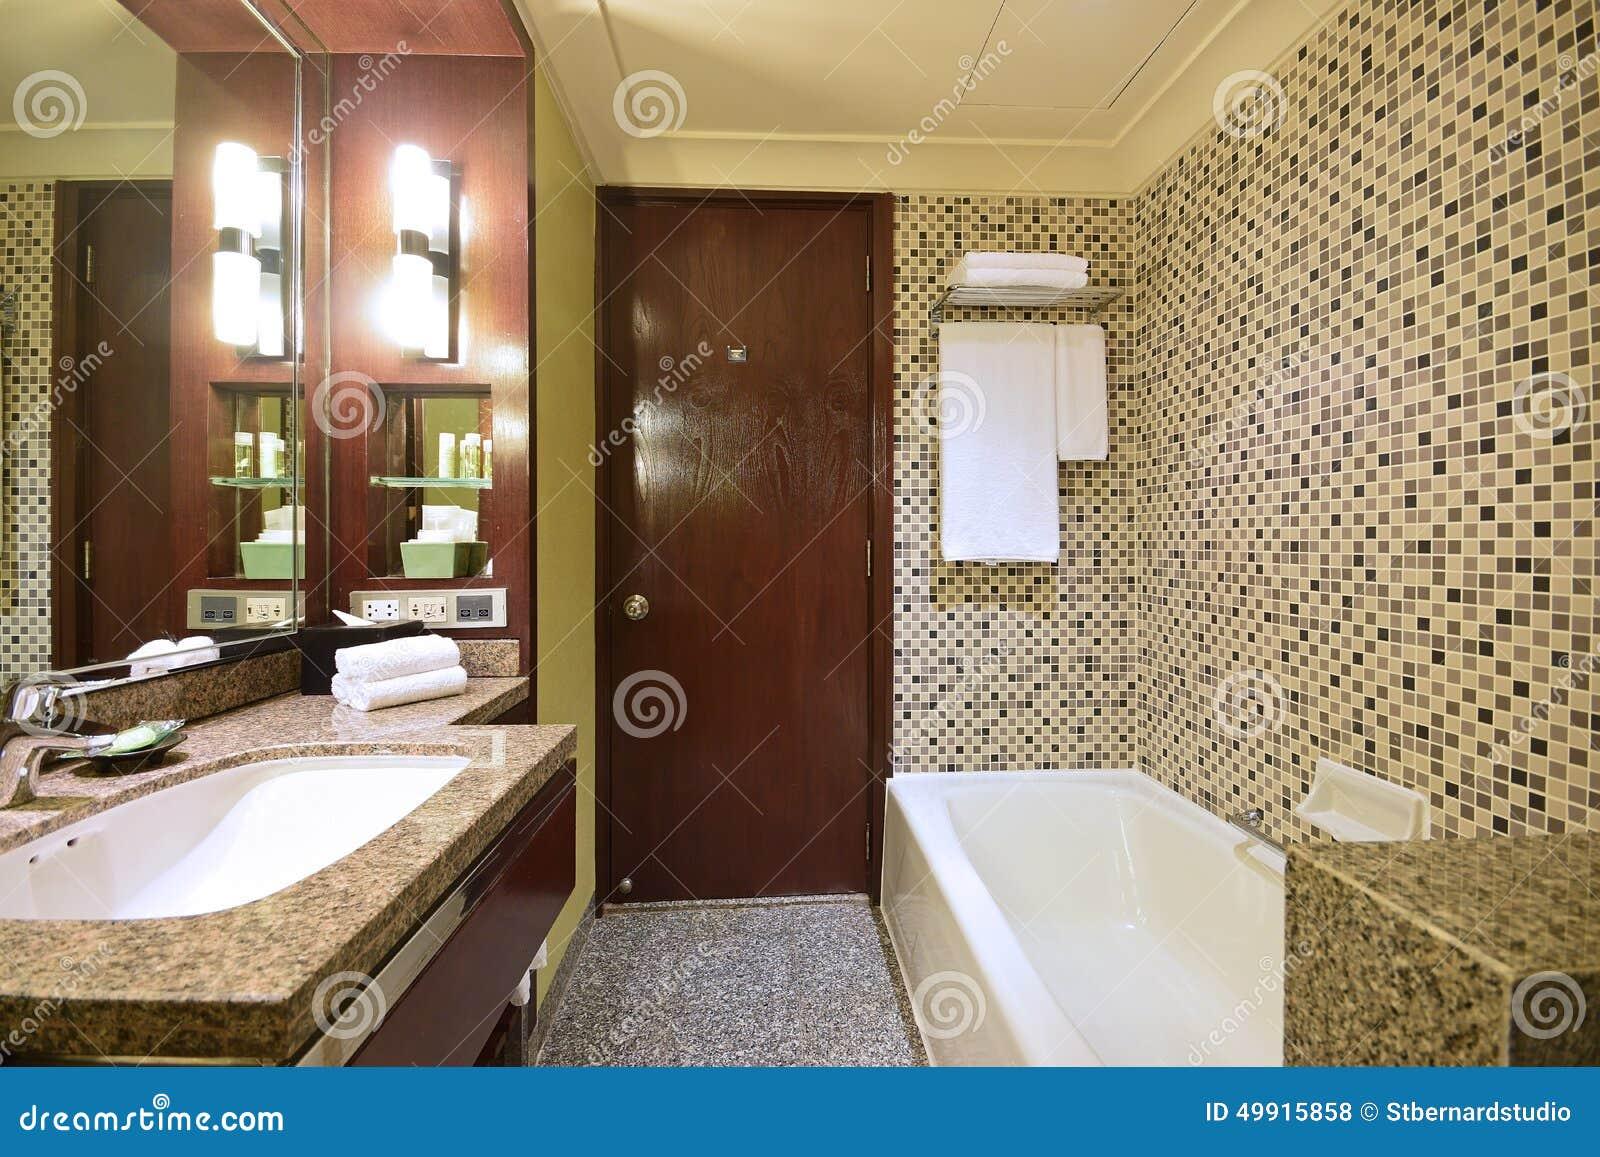 schönes badezimmer eines luxushotels stockfoto - bild: 49915858